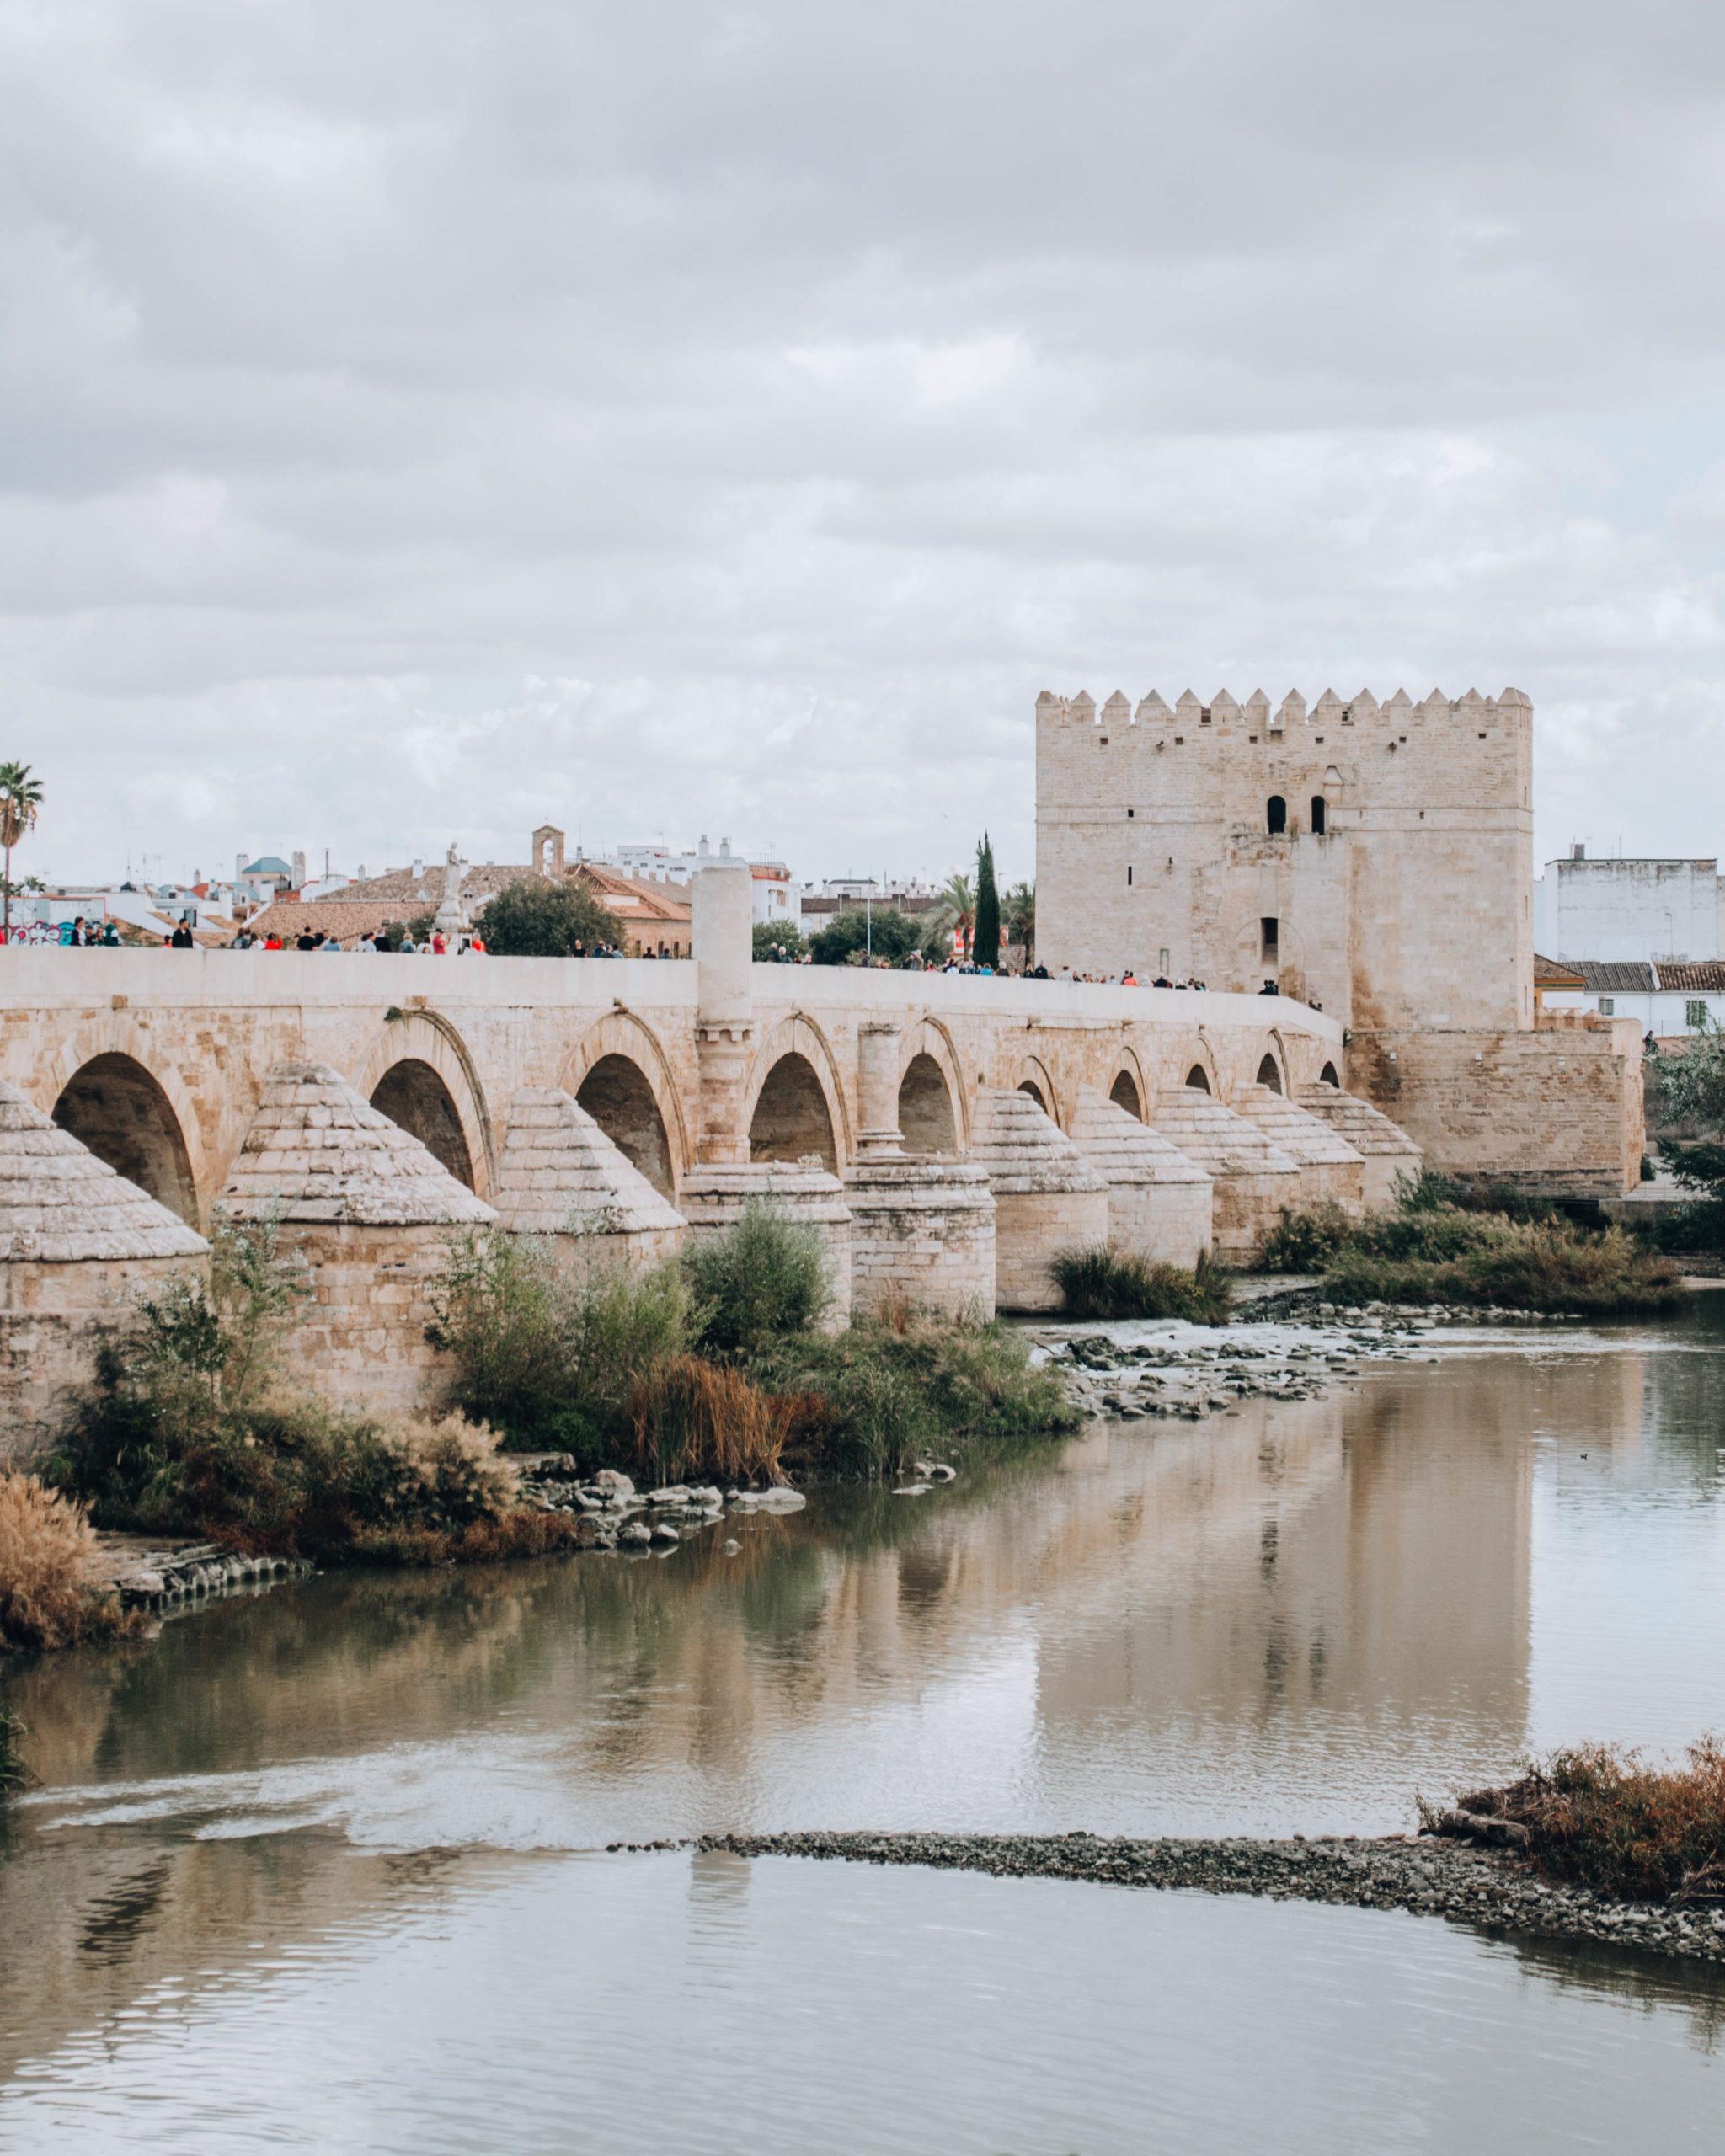 ponte romano con arcate